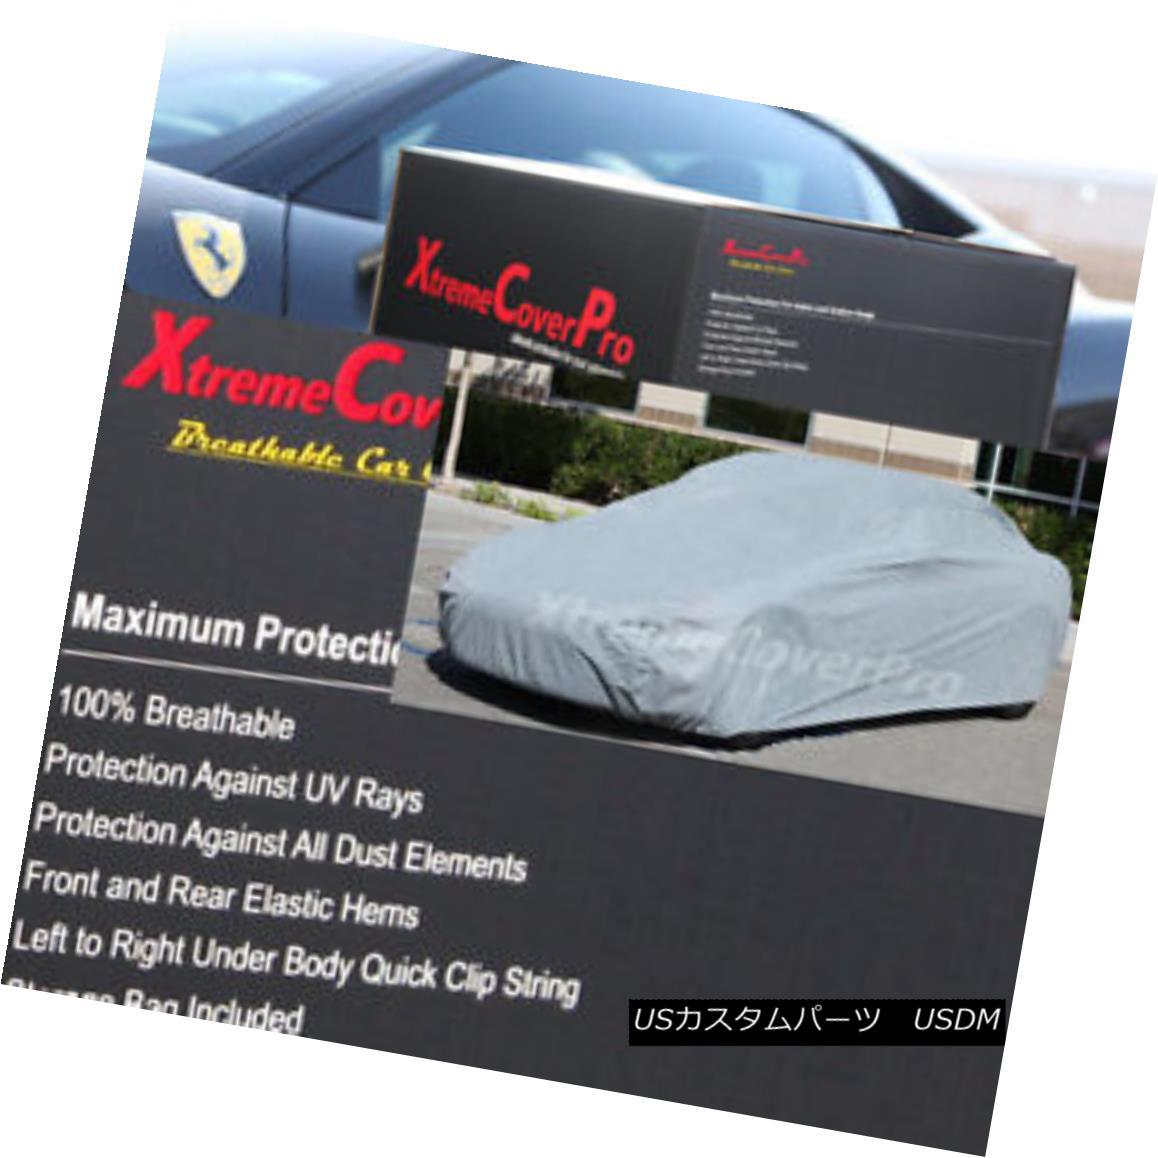 カーカバー 2003 2004 2005 BMW Z4 Breathable Car Cover 2003 2004 2005 BMW Z4通気性車カバー